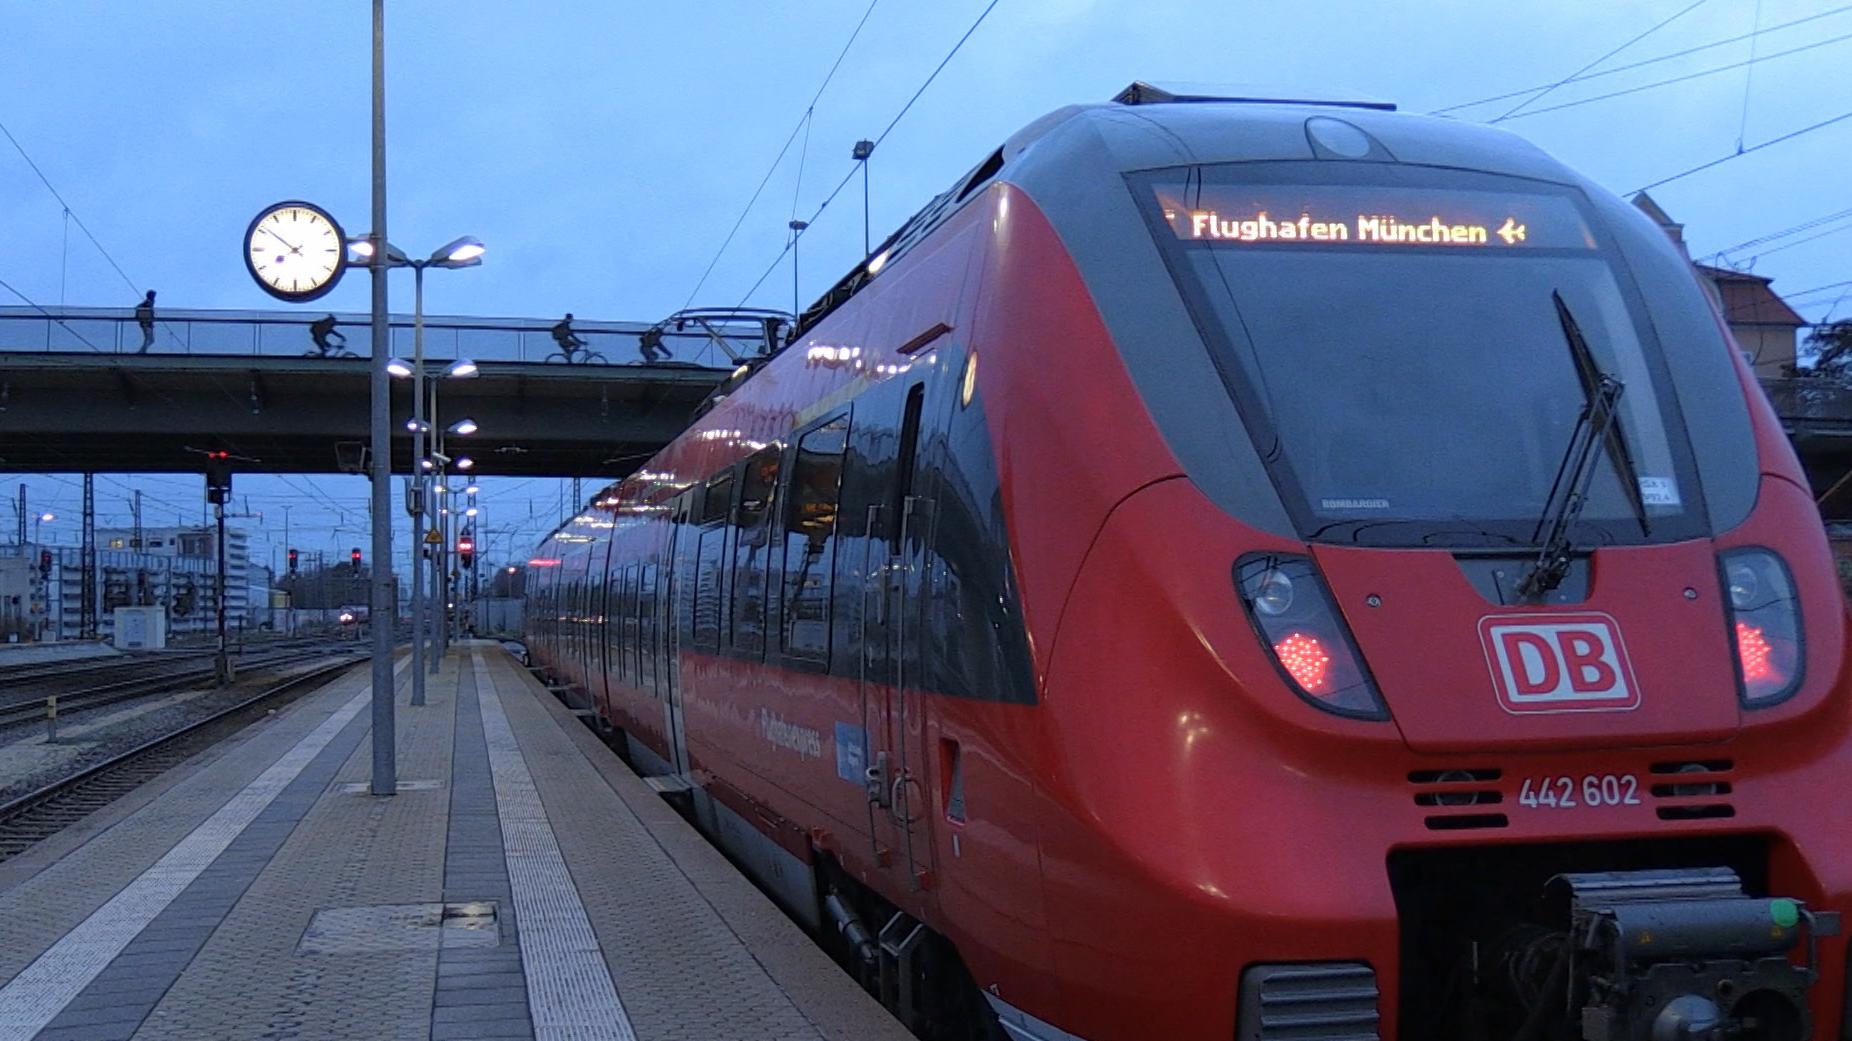 Der neue Flughafenexpress am Bahnsteig in Regensburg